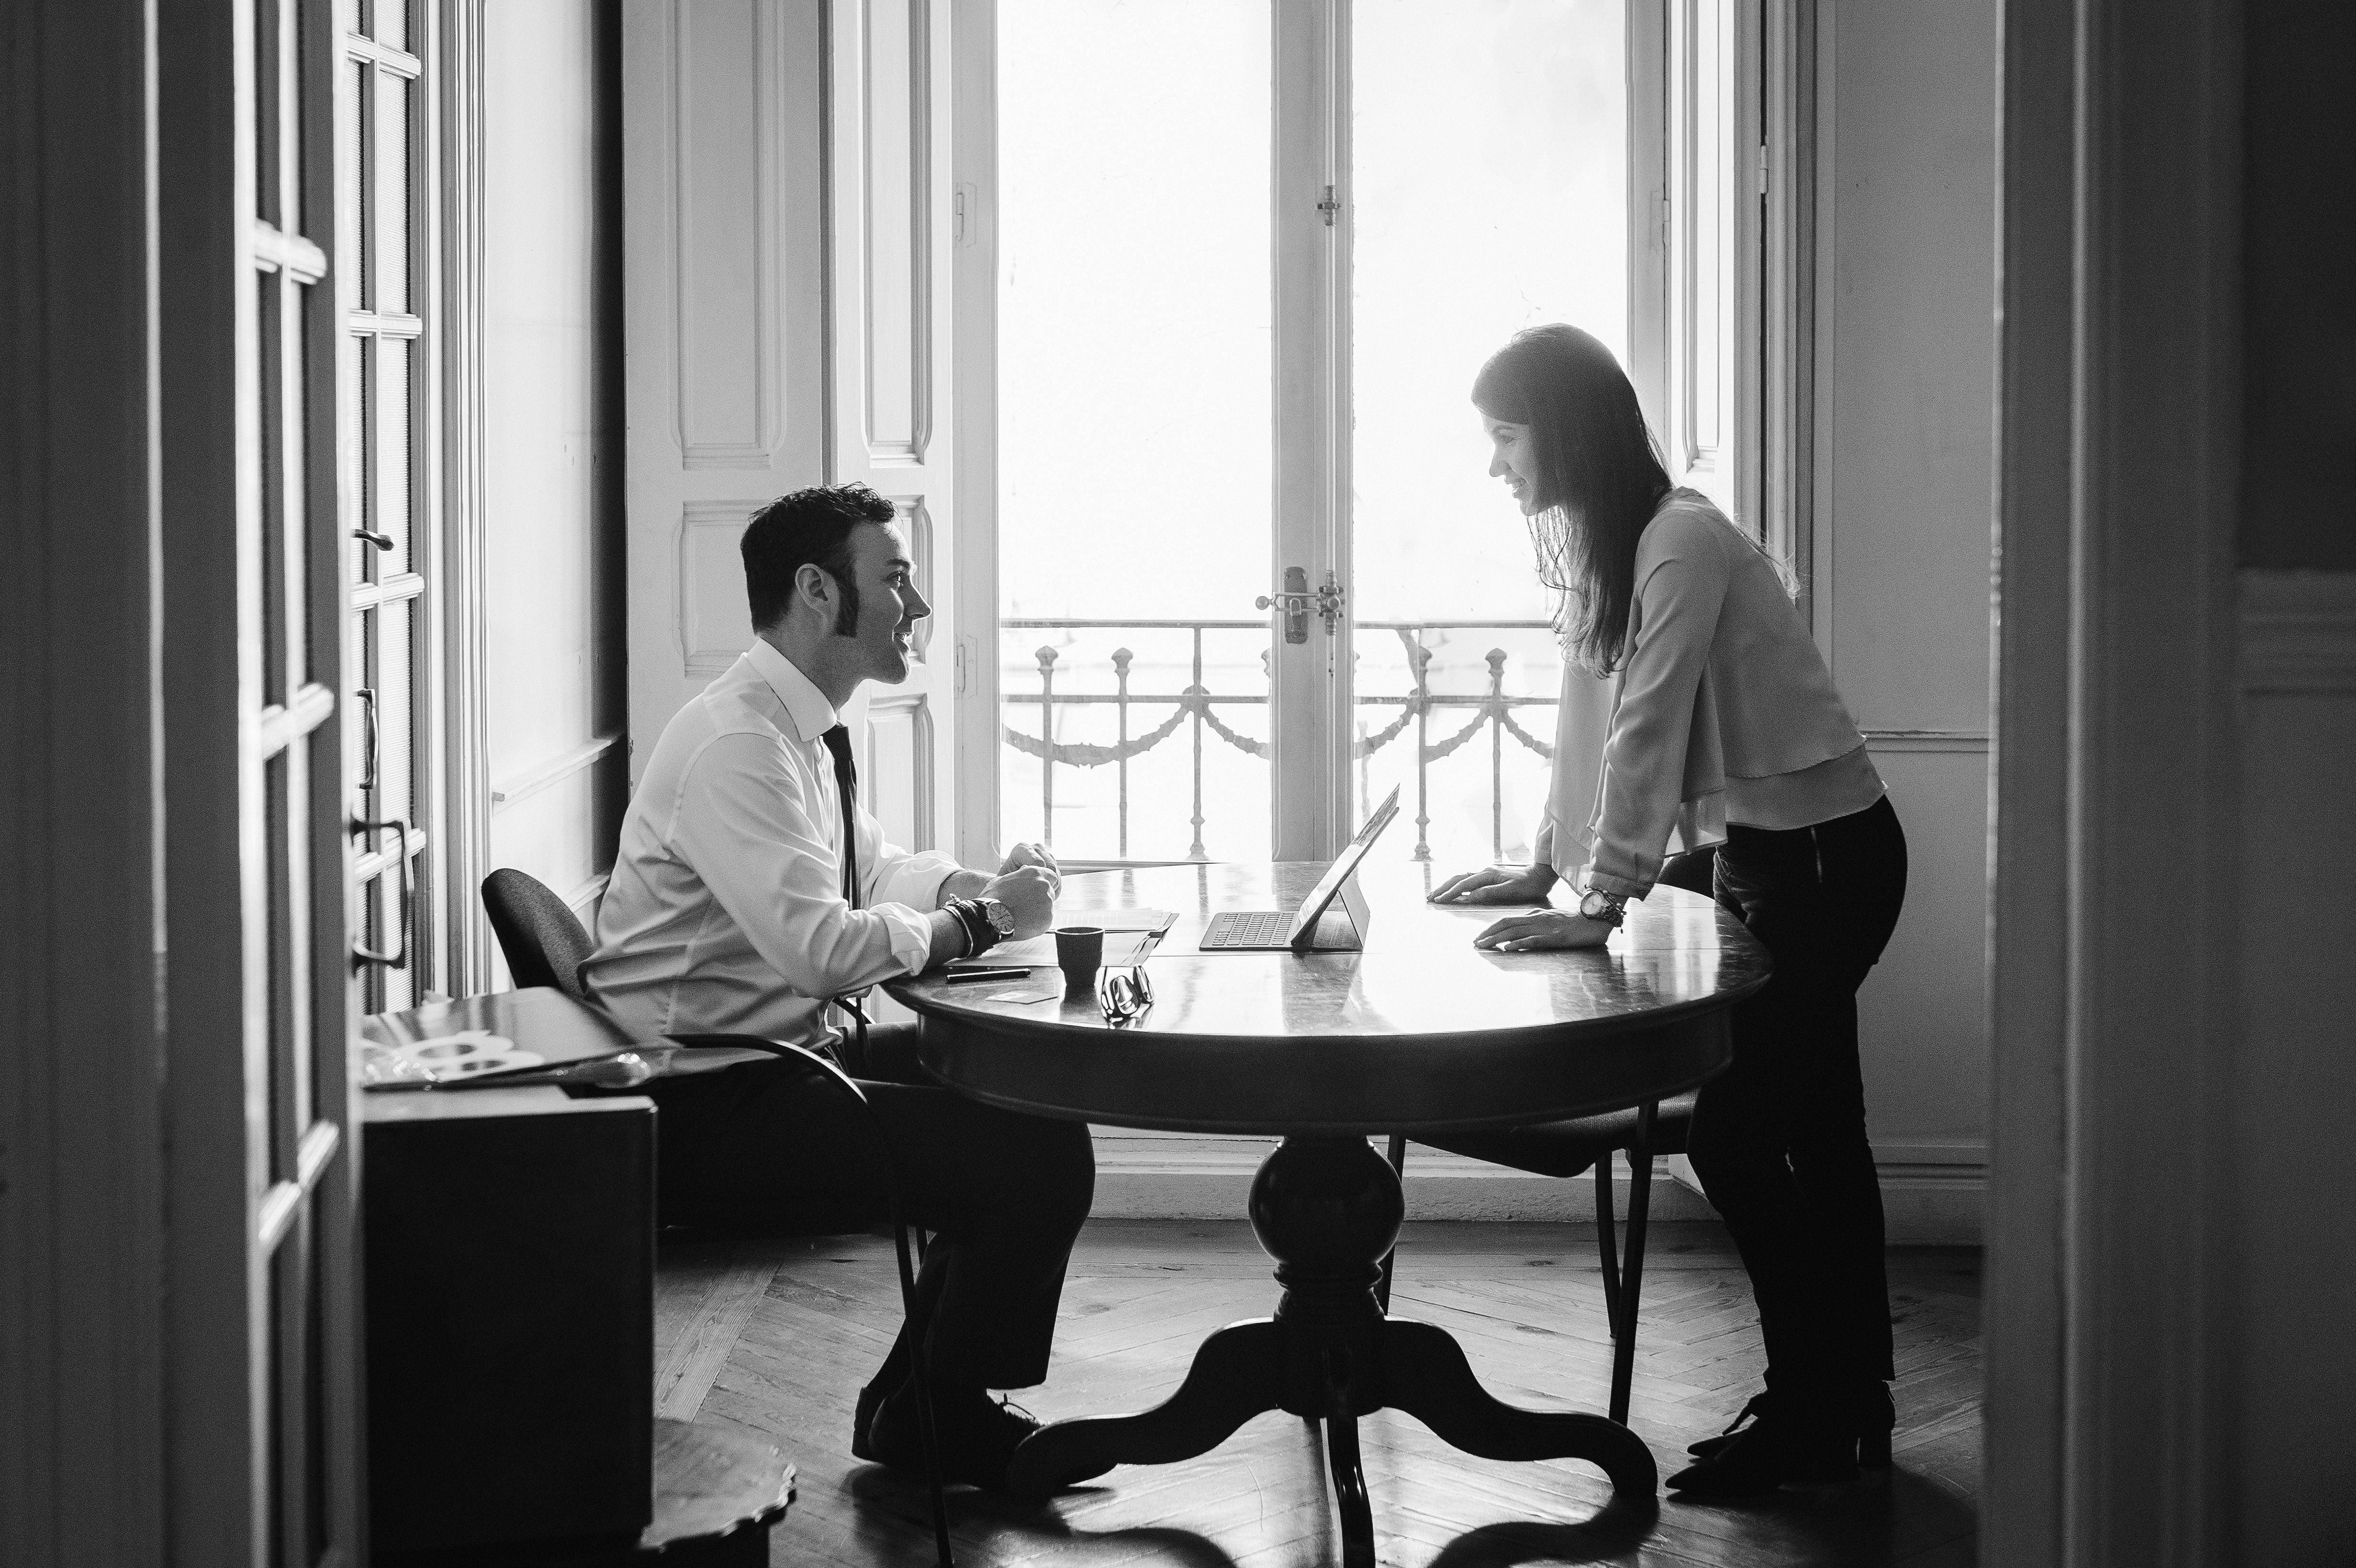 uso vivienda divorcio nueva pareja